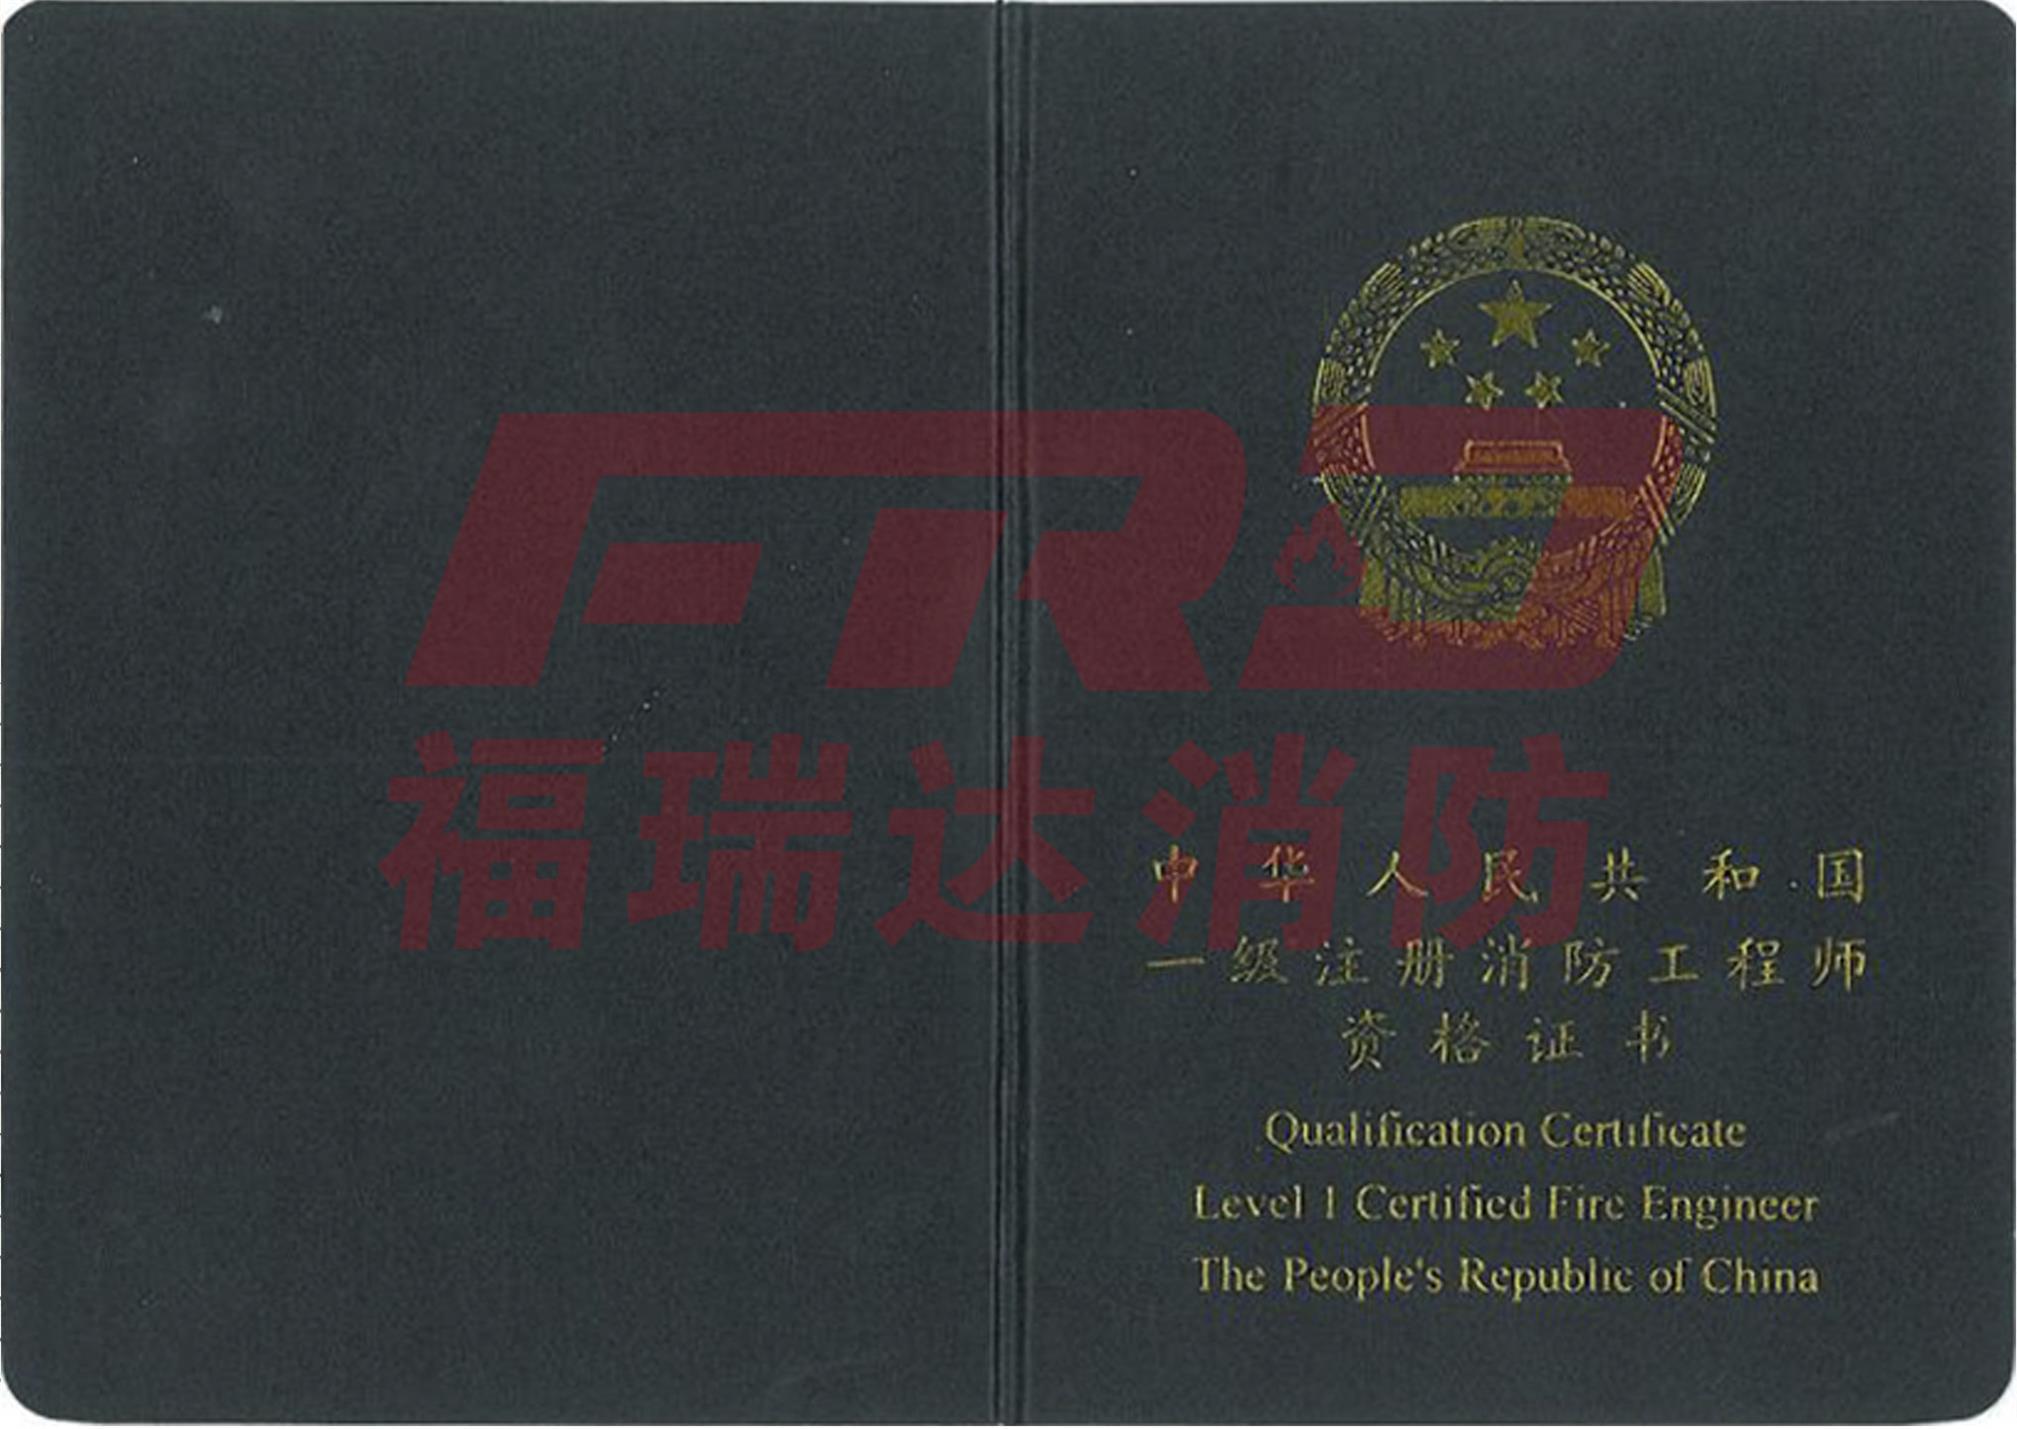 一级注册消防工程师资格证书